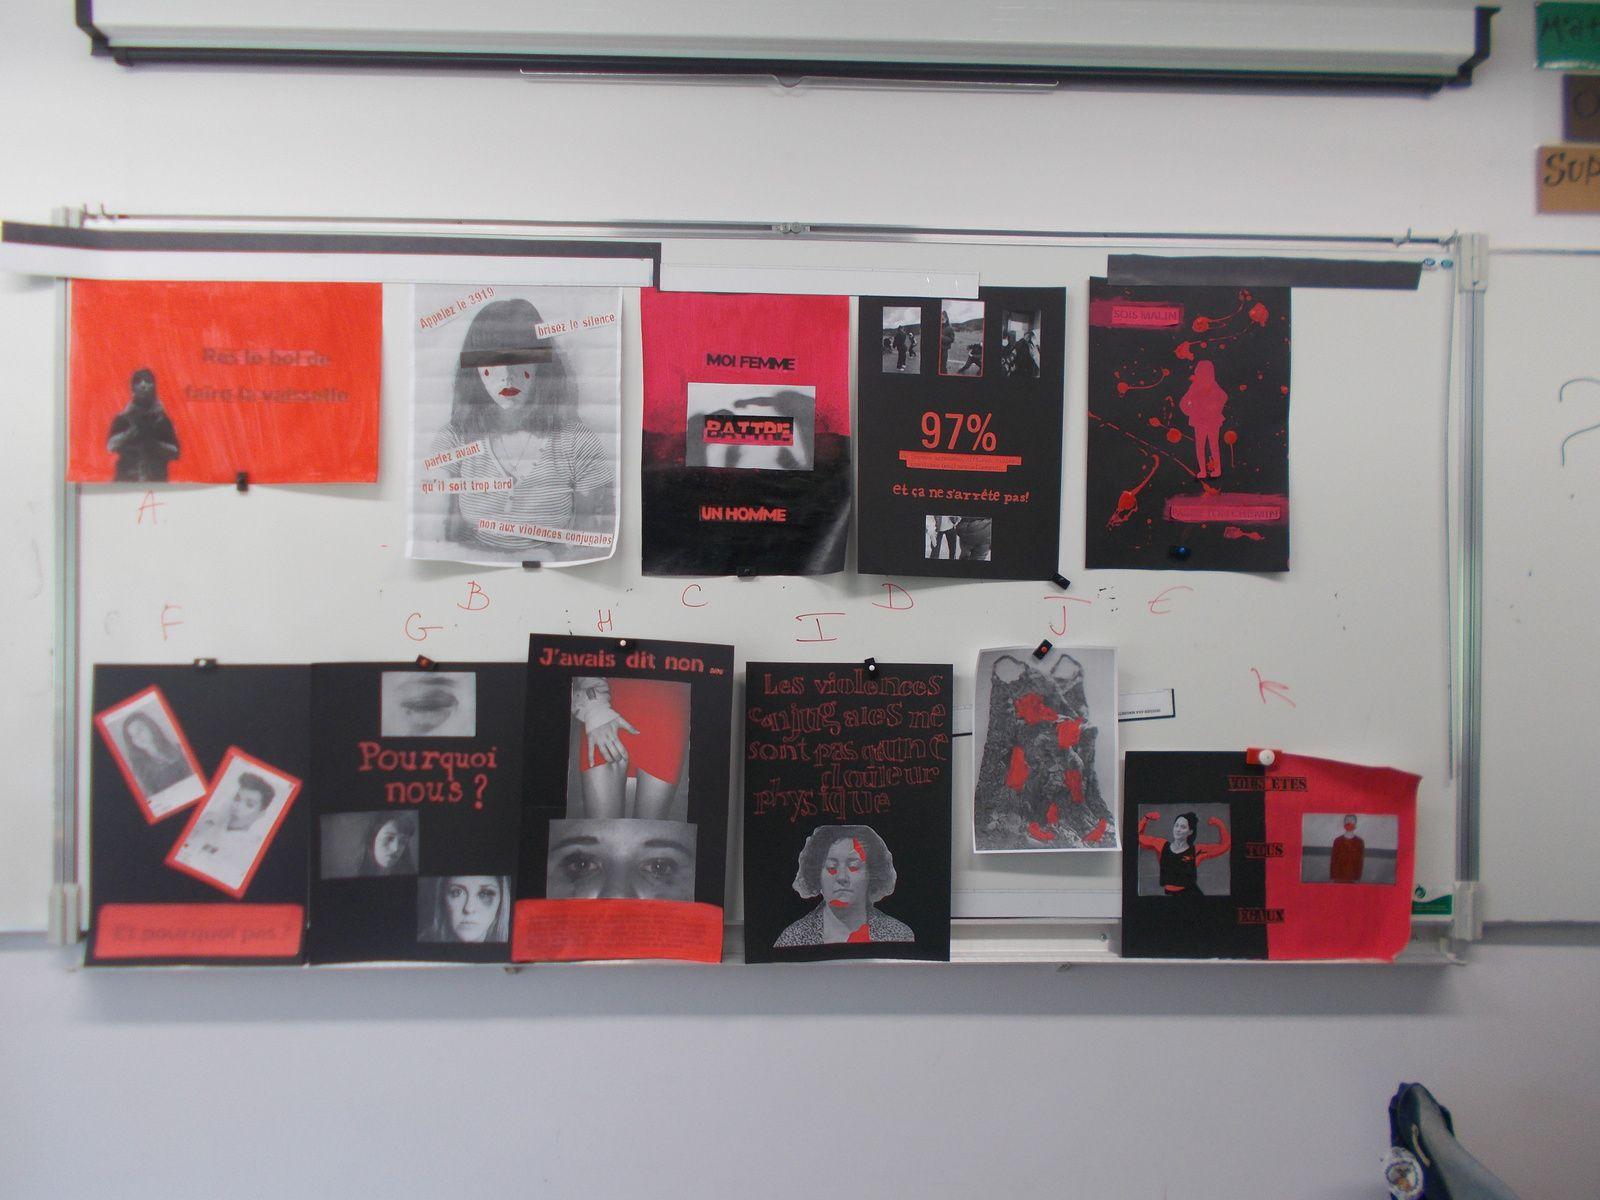 Charte graphique 3eA couleur : noir + rouge typo : stencil army ou type writer éléments graphiques : photo